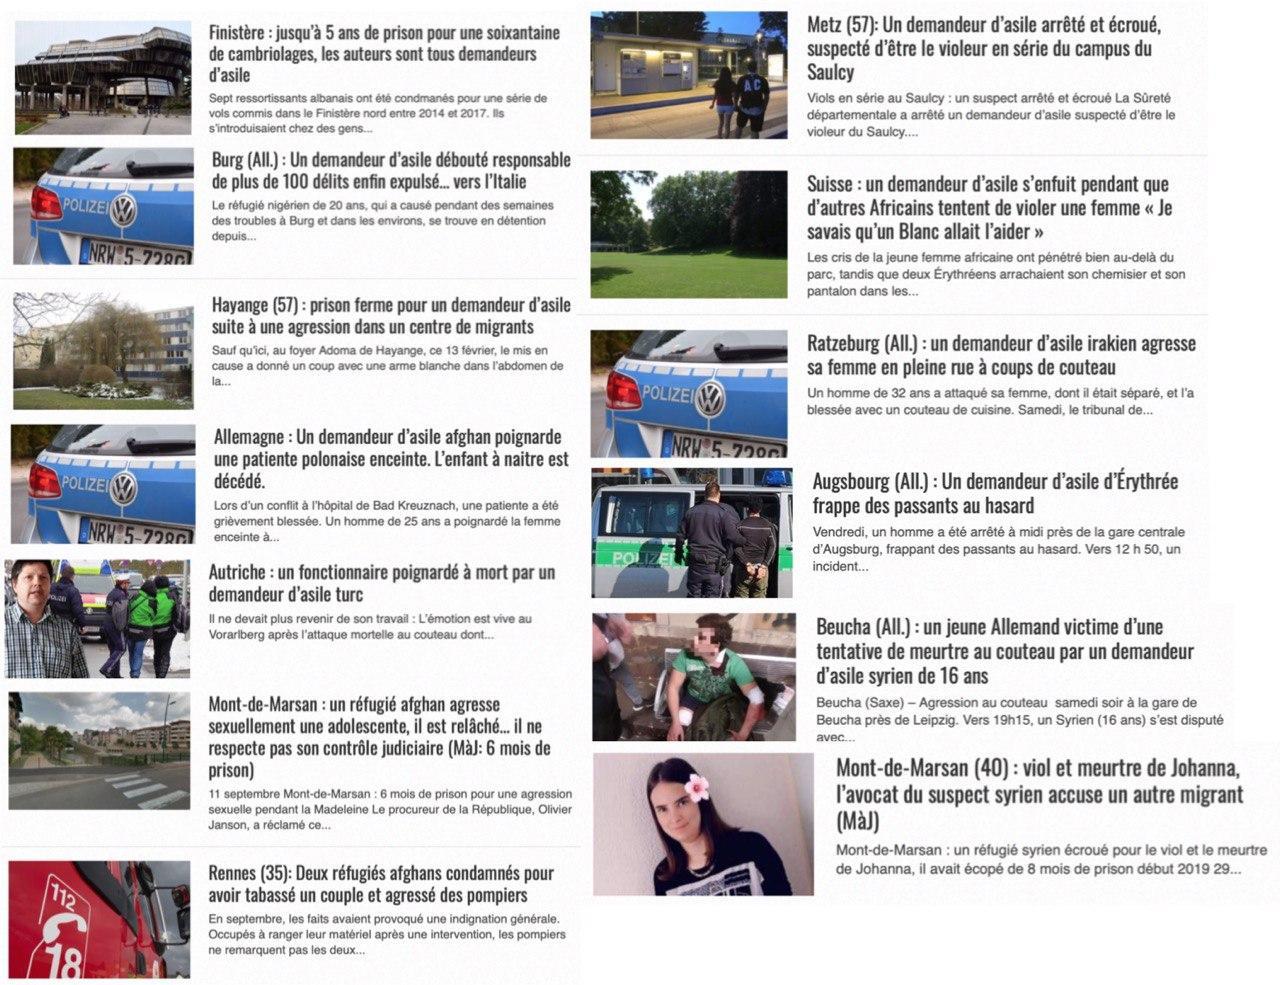 Titre de presse délinquance immigration